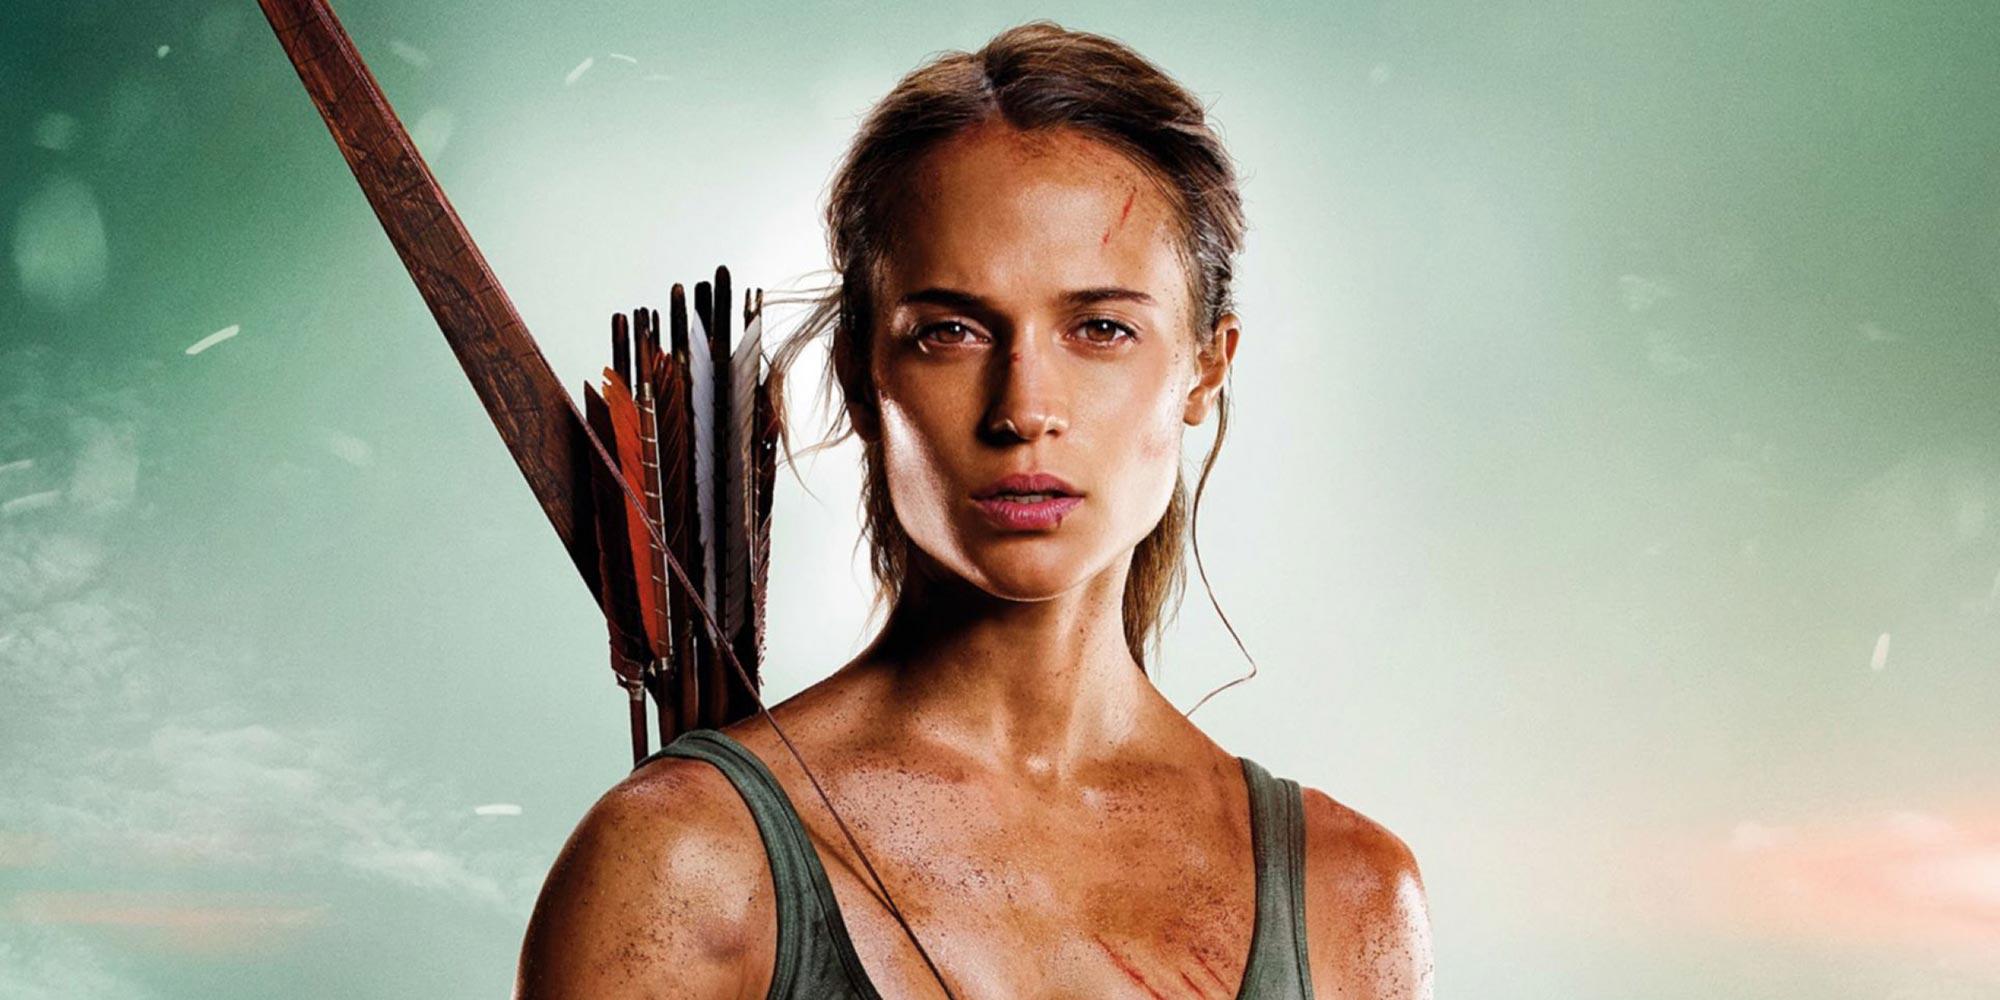 Découvrez la nouvelle bande-annonce de Tomb Raider !